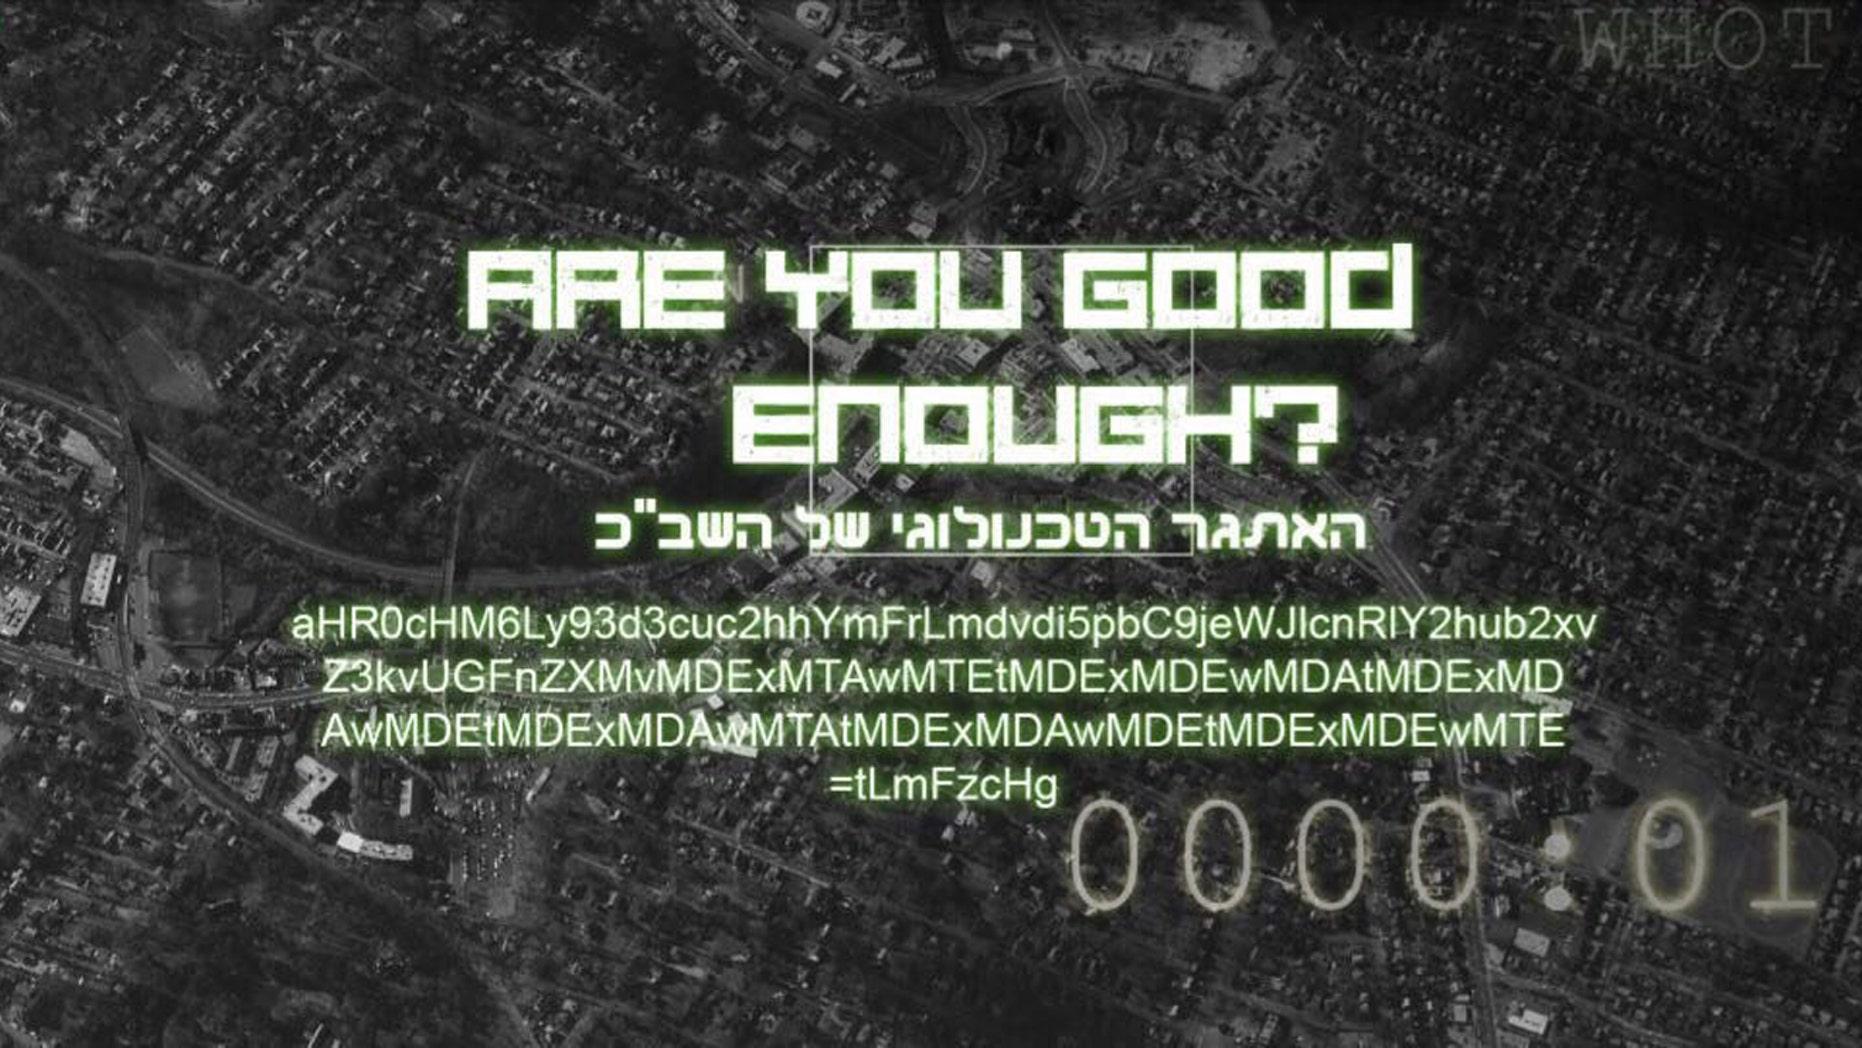 (Israel Security Agency)